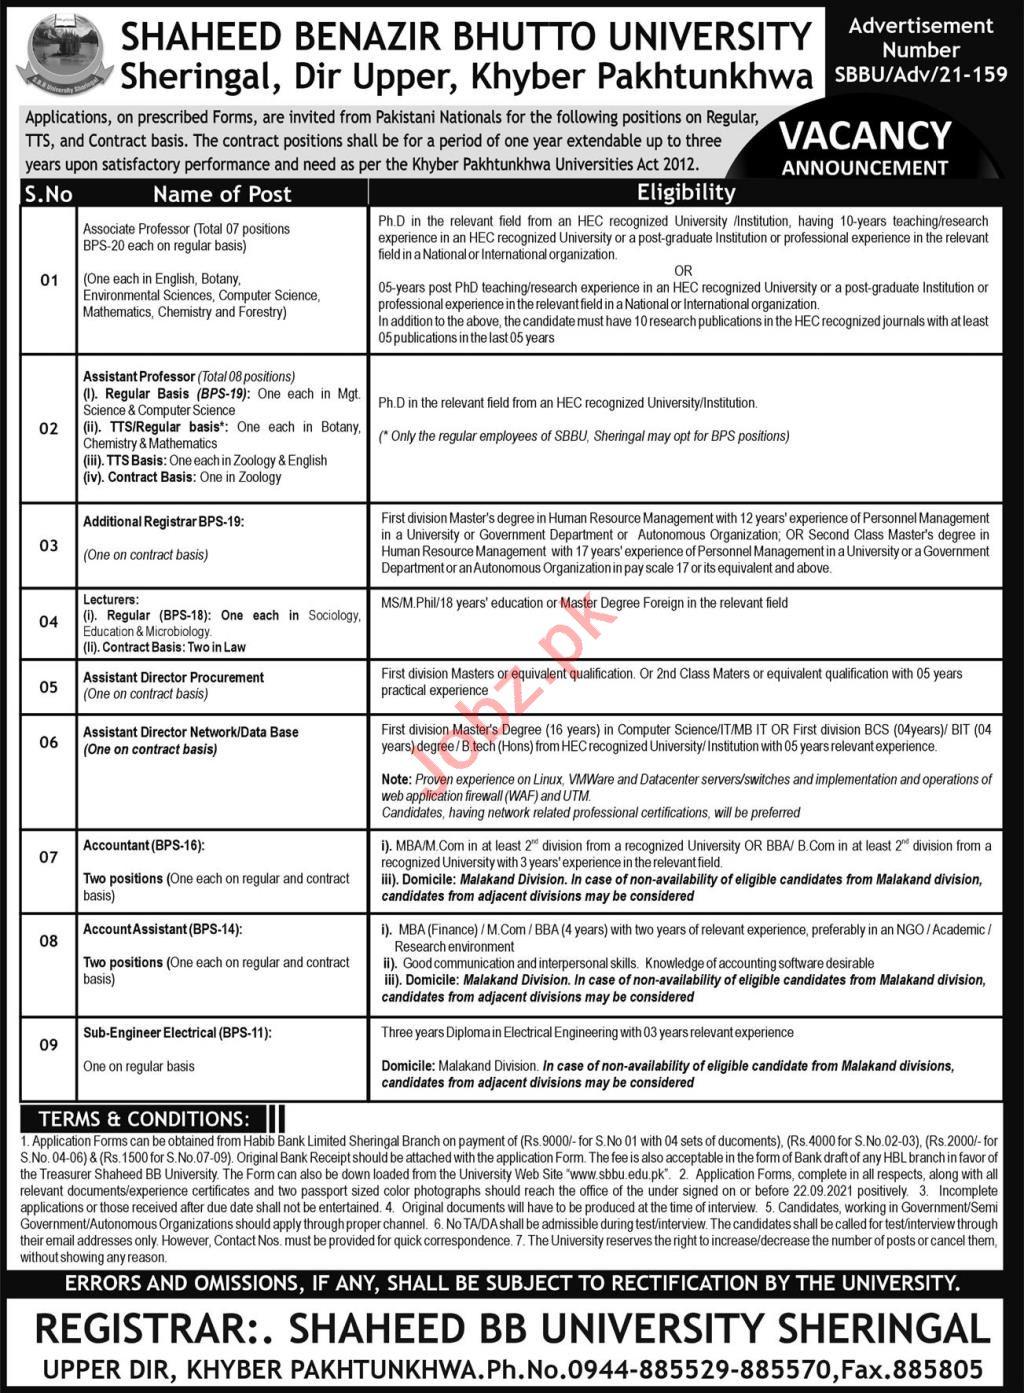 Shaheed Benazir Bhutto University SBBU Sheringal Jobs 2021